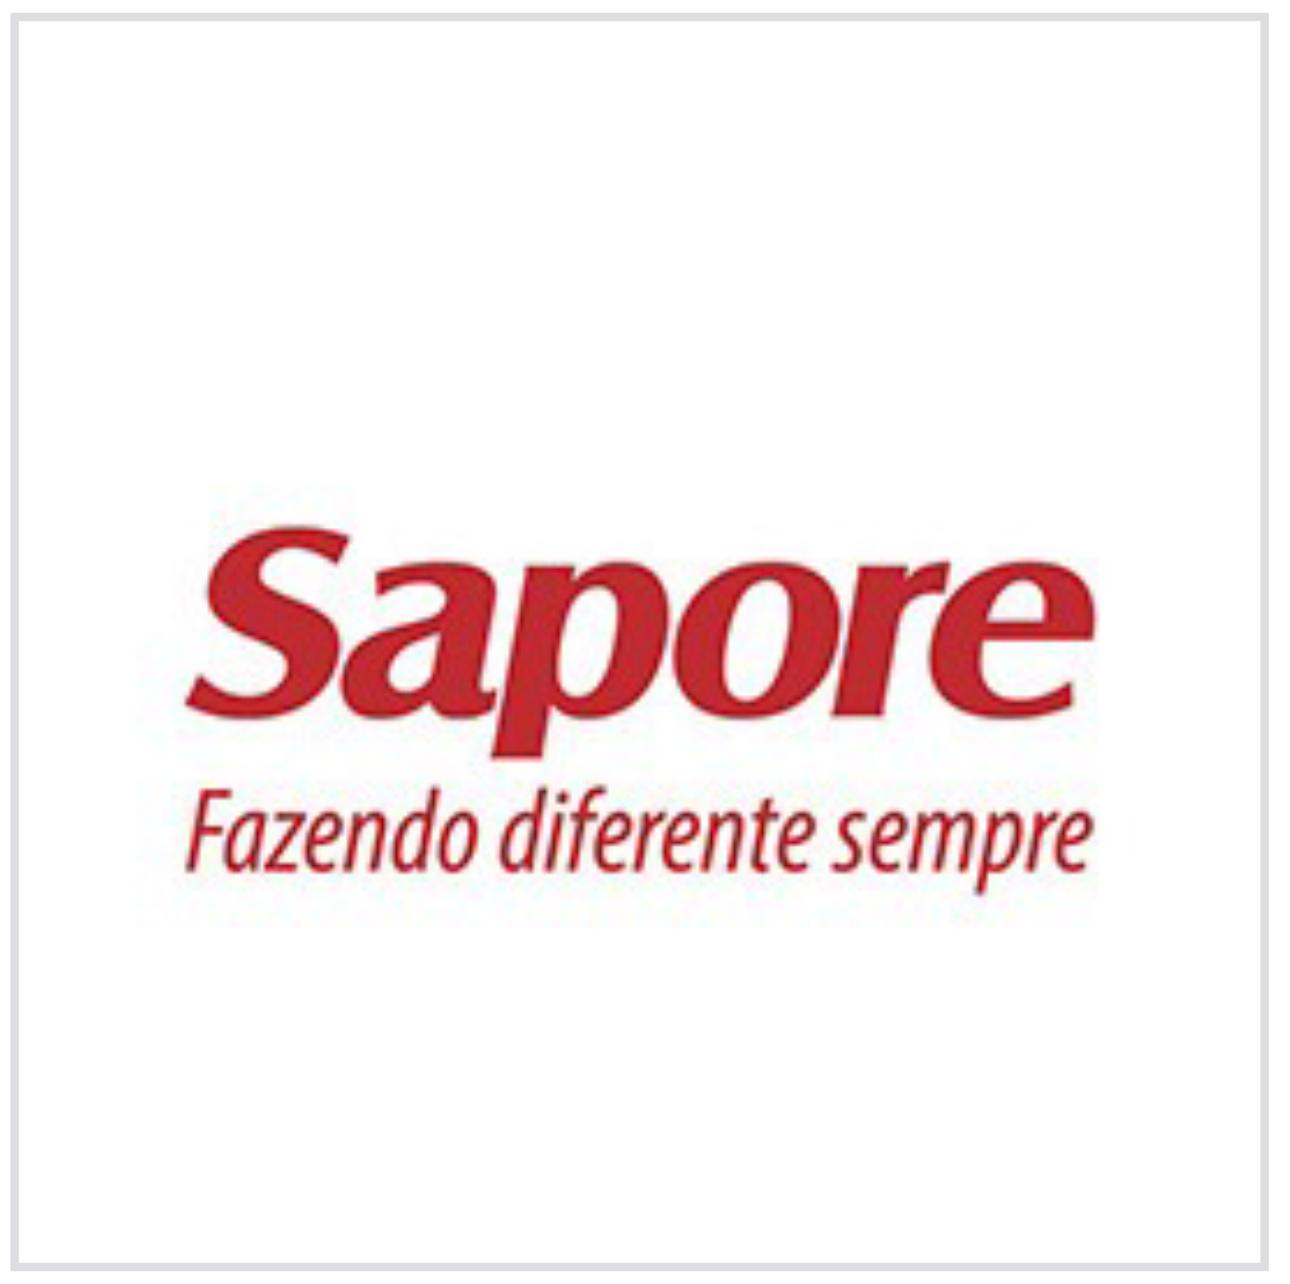 logo_sapore